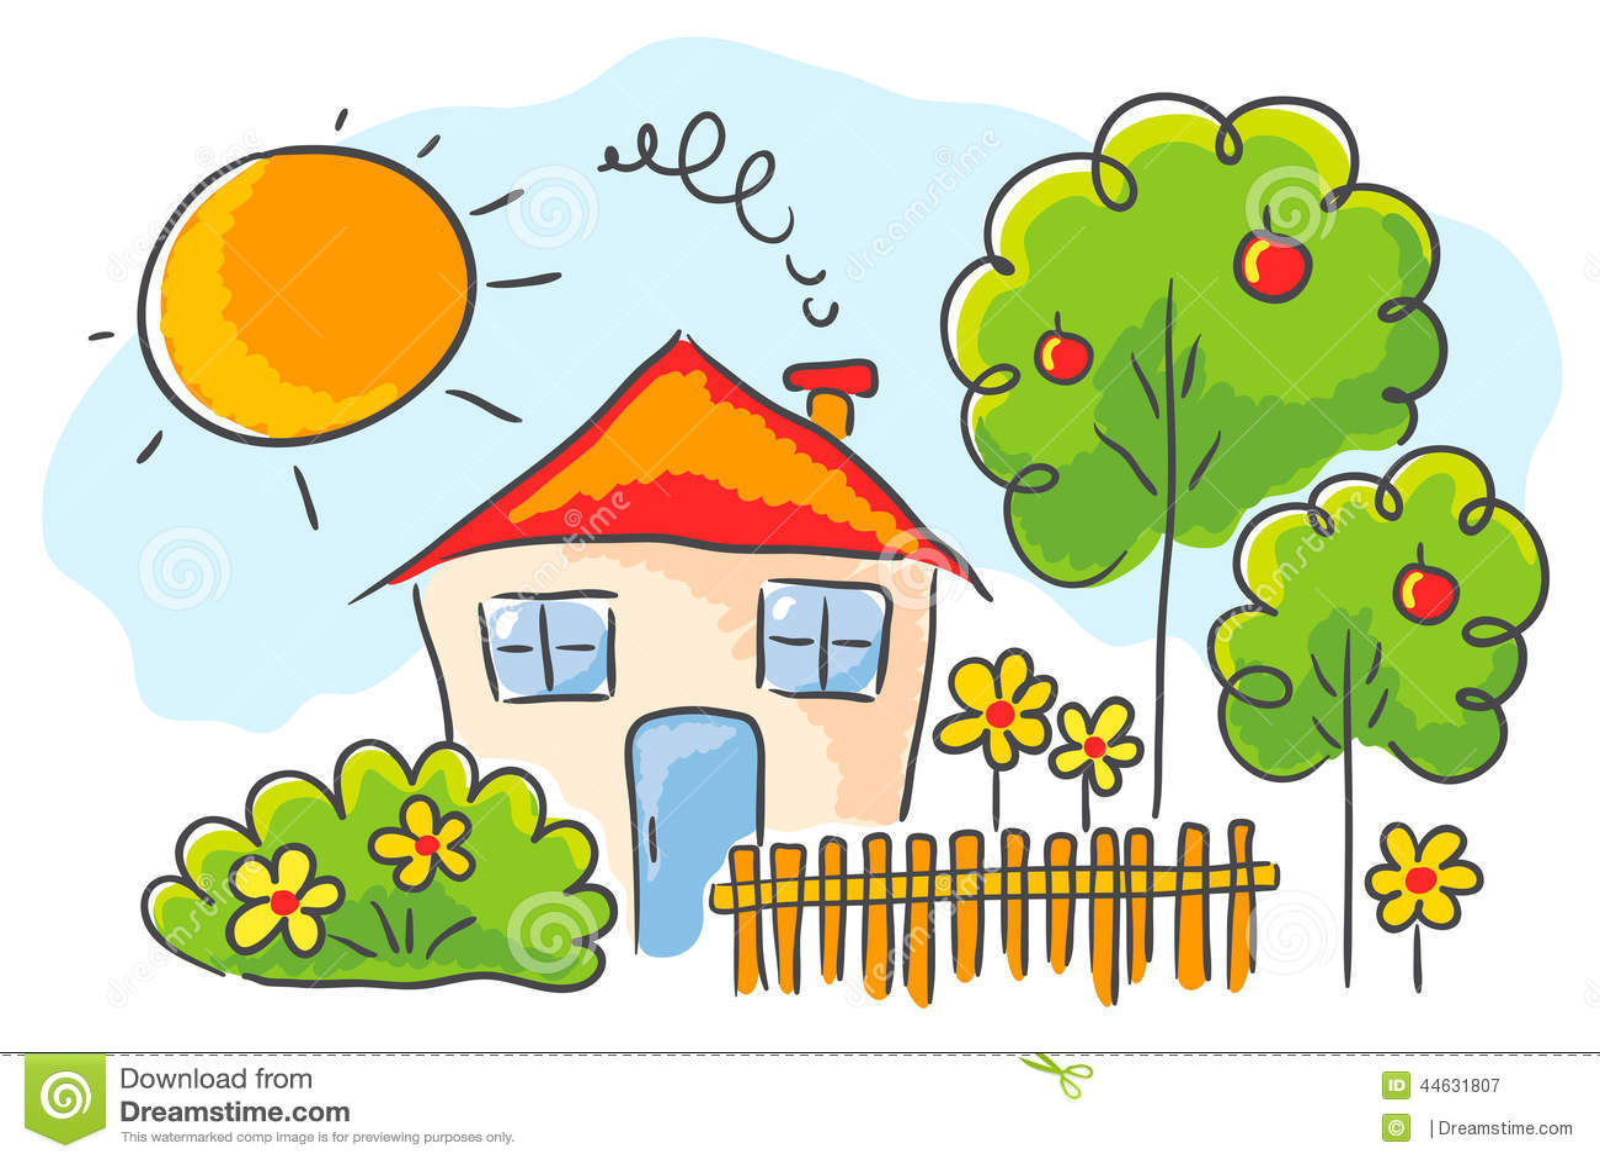 Disegno del s del bambino di una casa illustrazione for Disegni di case di tronchi